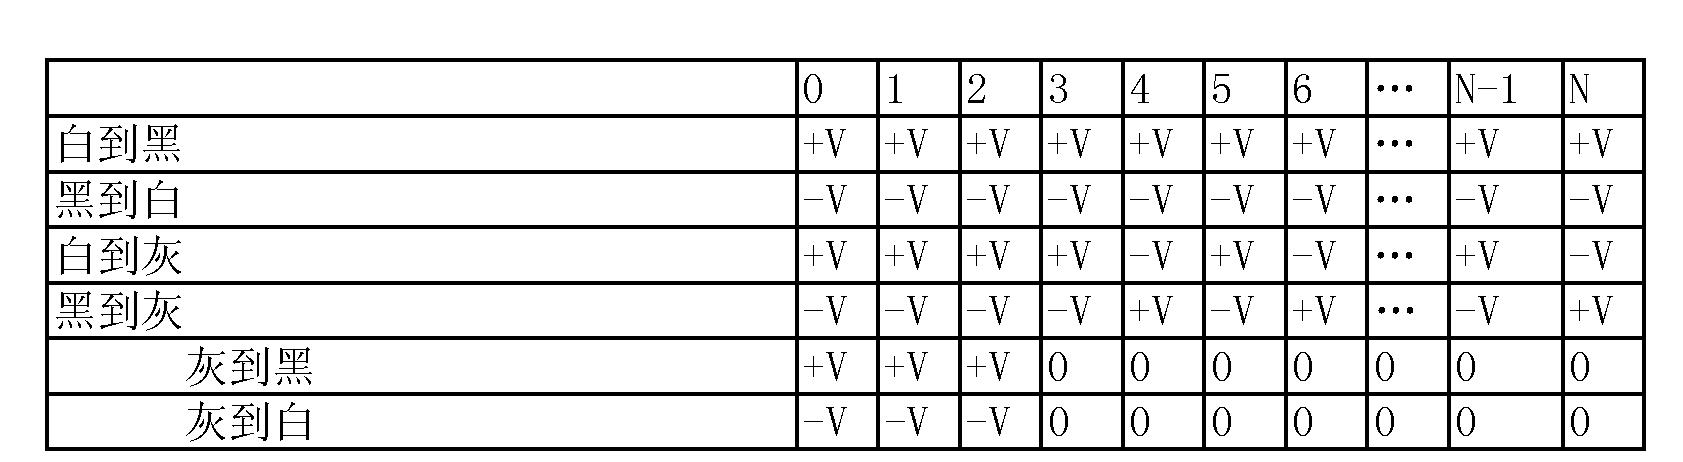 Figure CN101373581BD00131